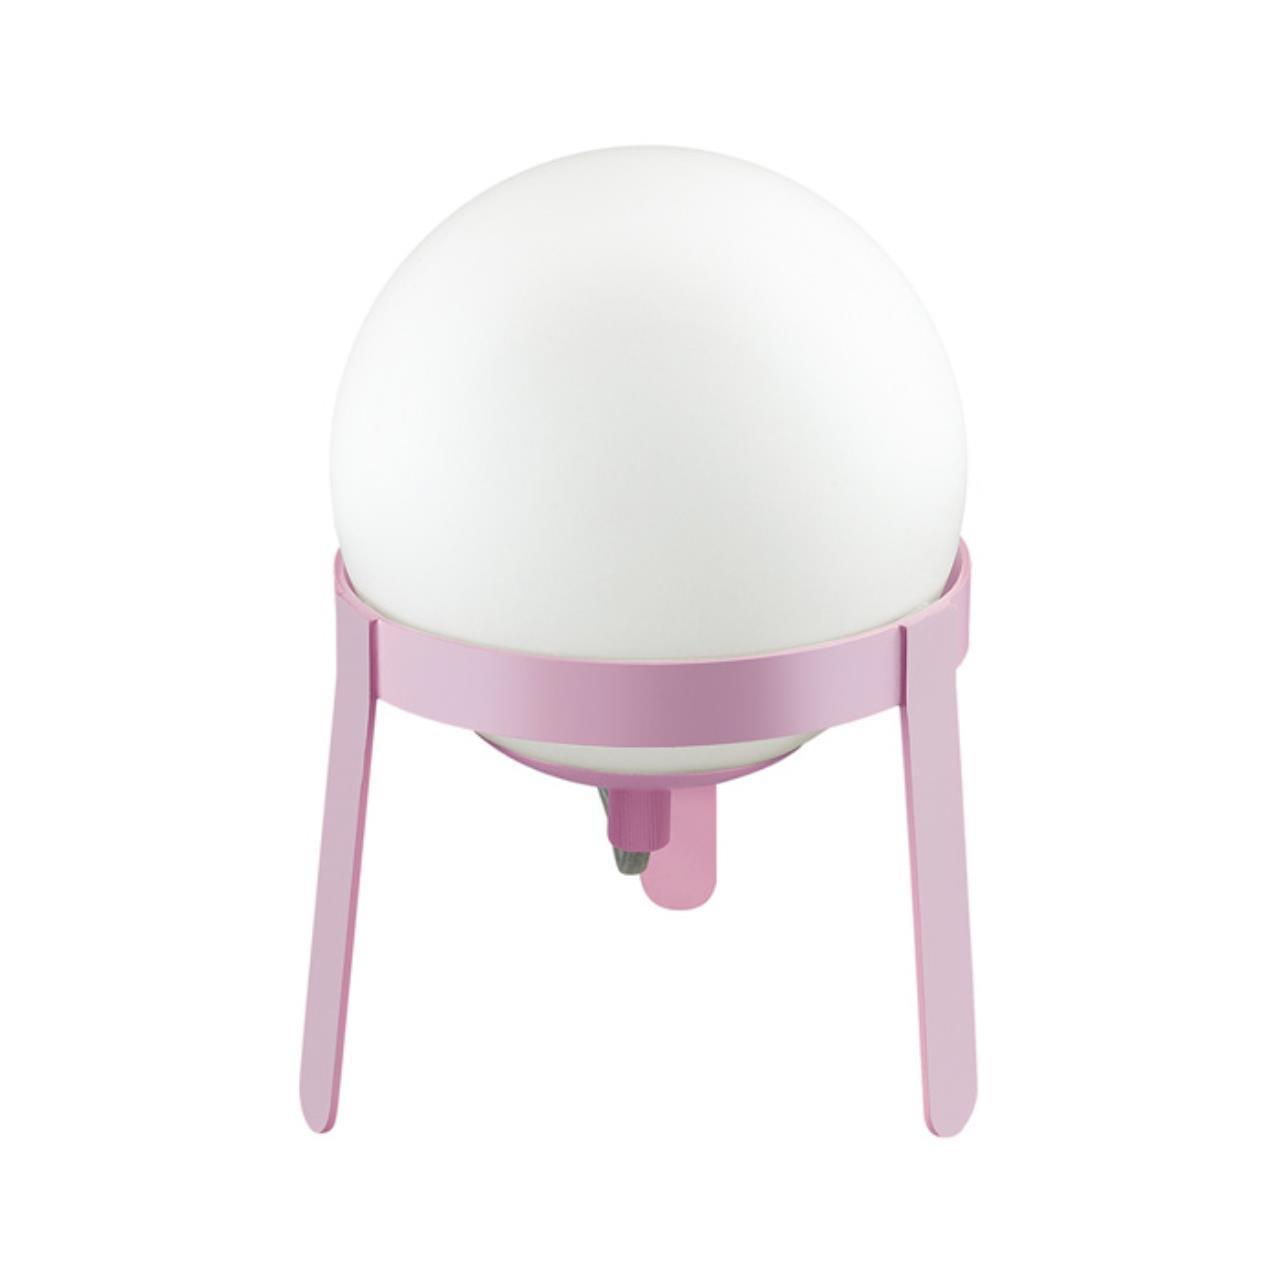 3649/1T DESK LN18 222 белый/розовый Настольная лампа E14 4W 220V CHIPO